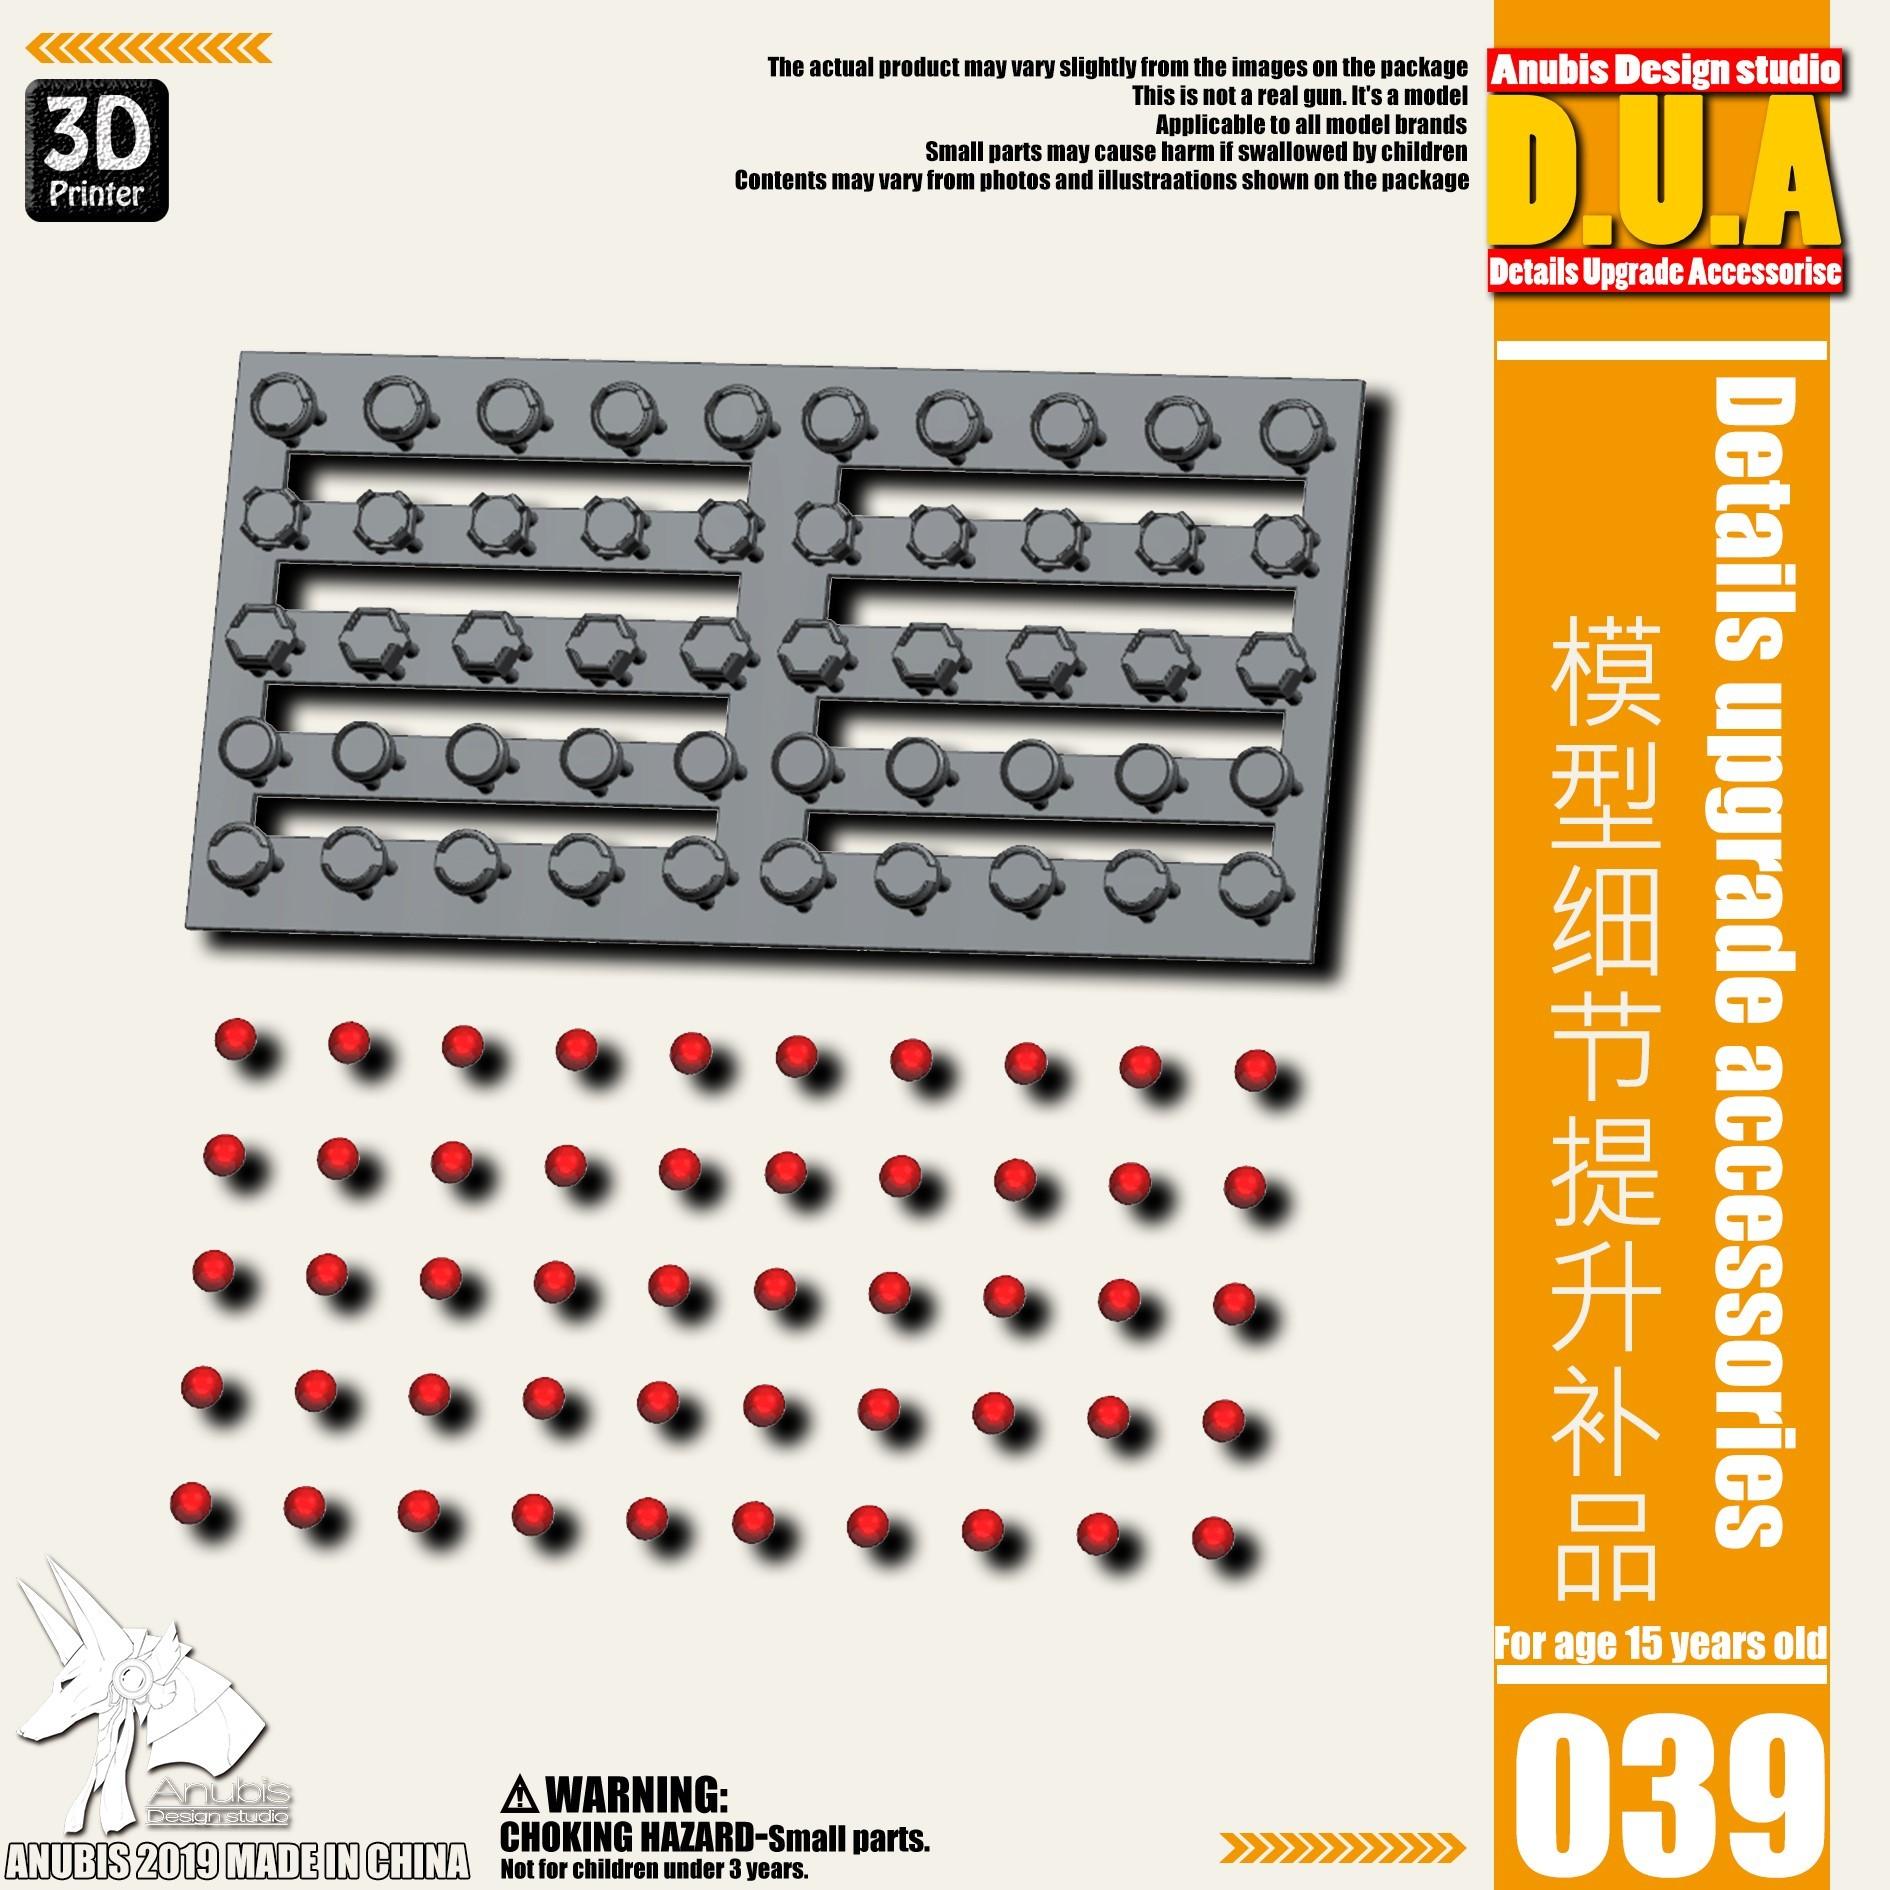 G413_DUA039_001.jpg